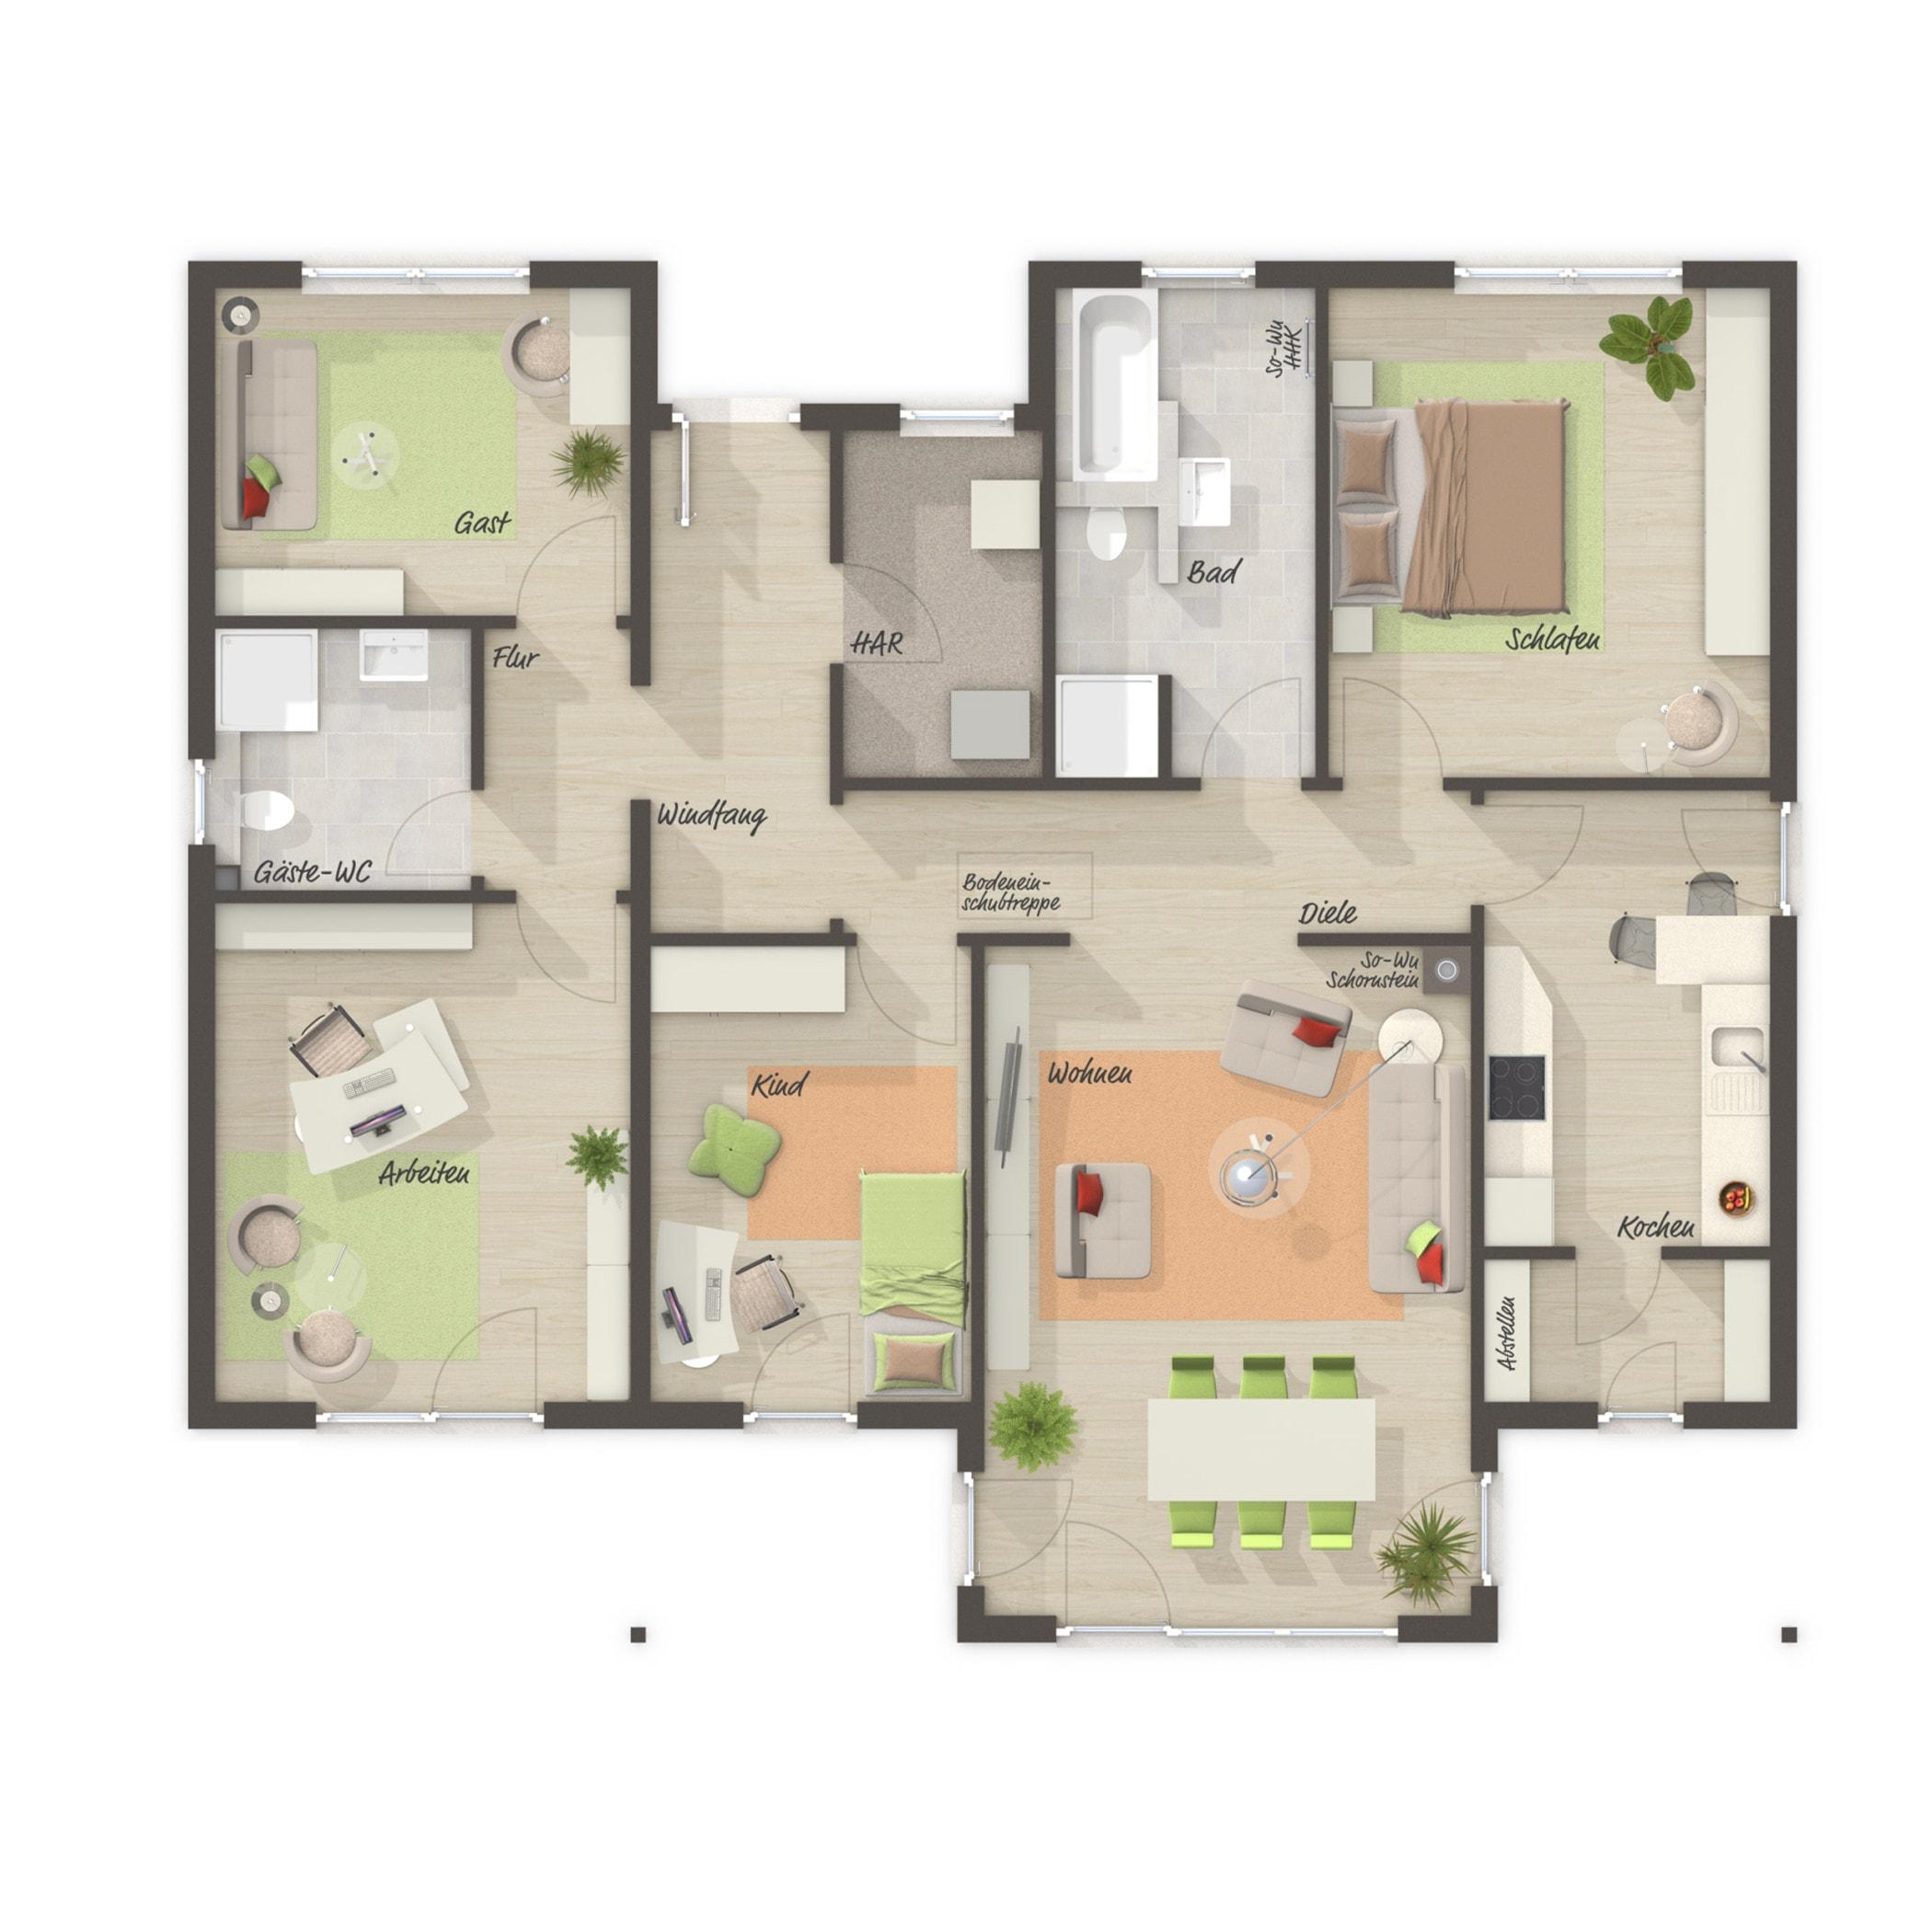 Grundriss Bungalow Haus mit Walmdach, 5 Zimmer, 130 qm - Massivhaus schlüsselfertig bauen BUNGALOW 128 von Town & Country Haus - HausbauDirekt.de